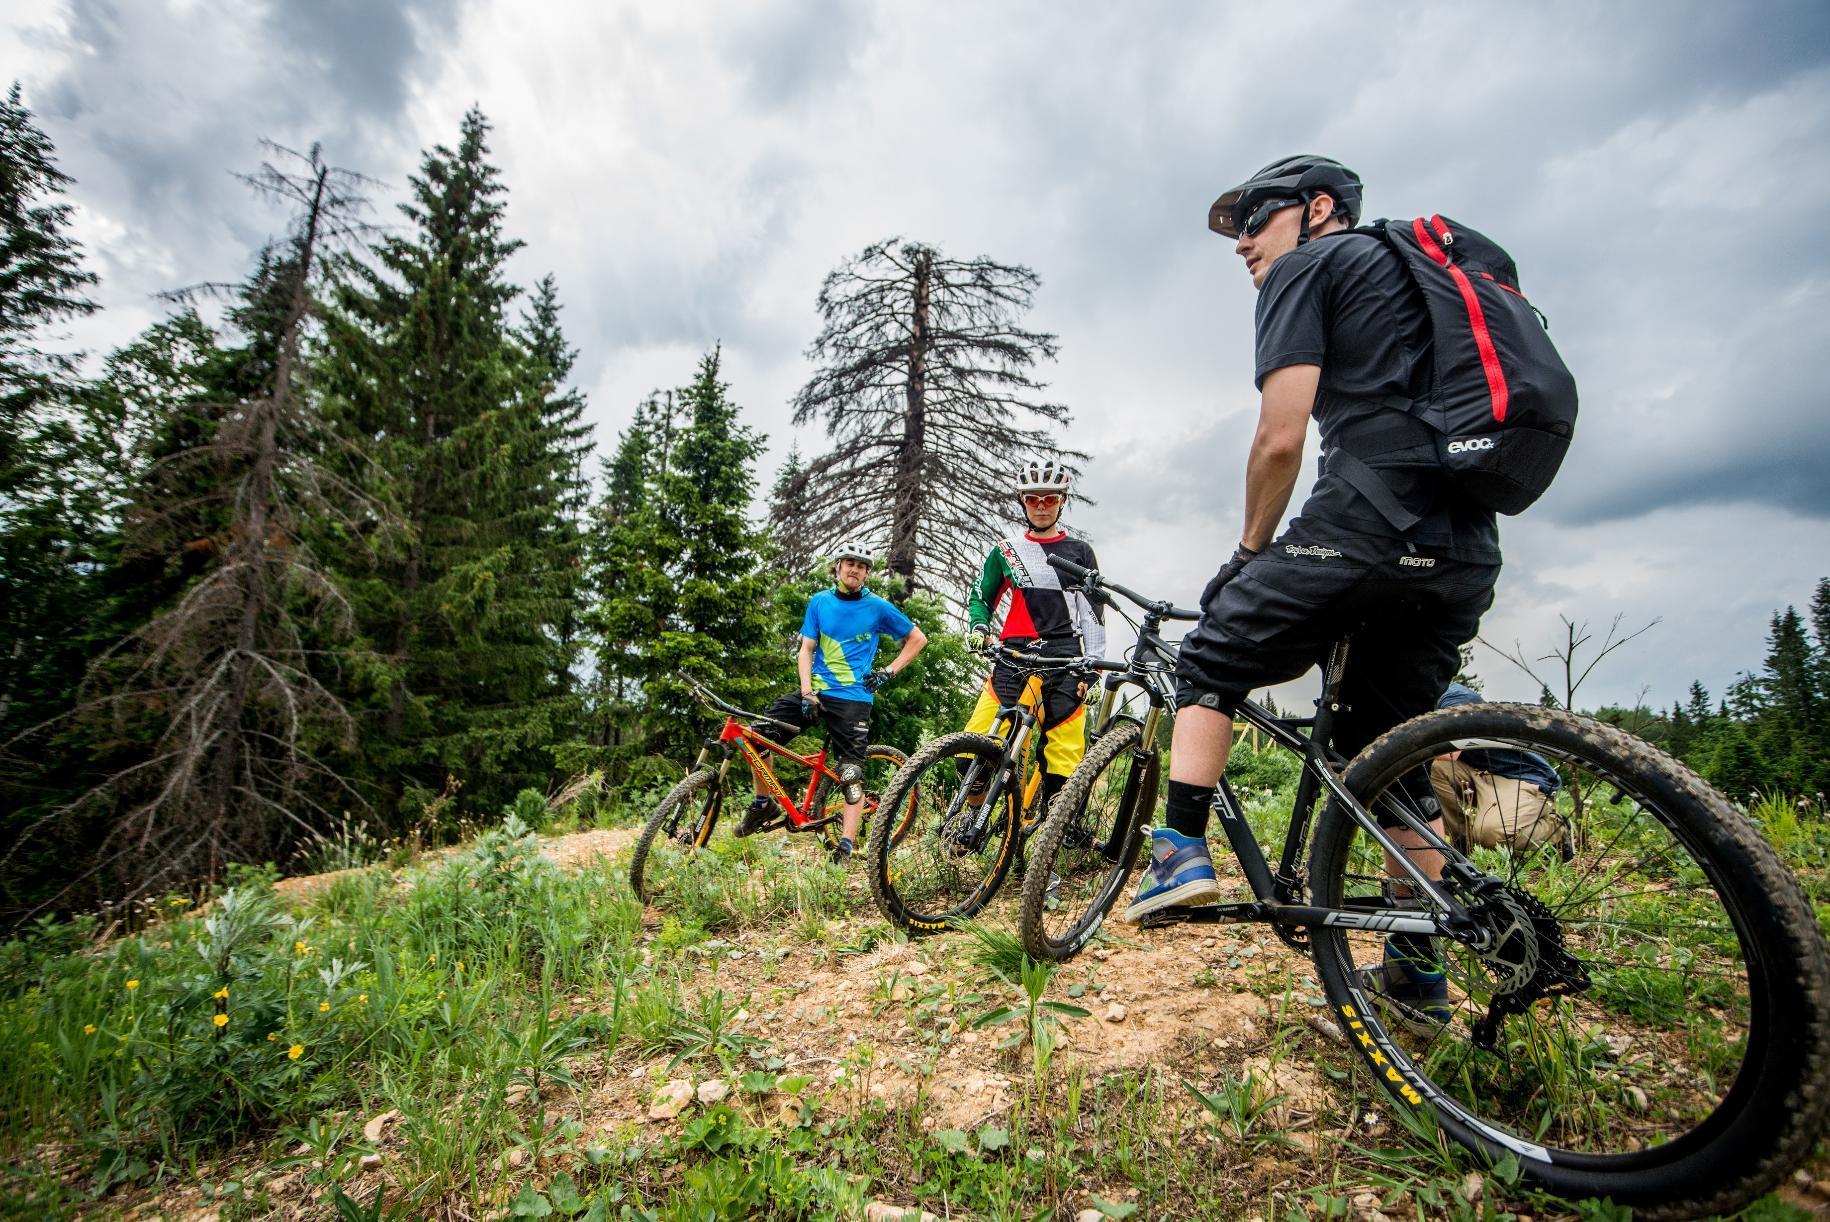 фото 3 велосипедистов на природе